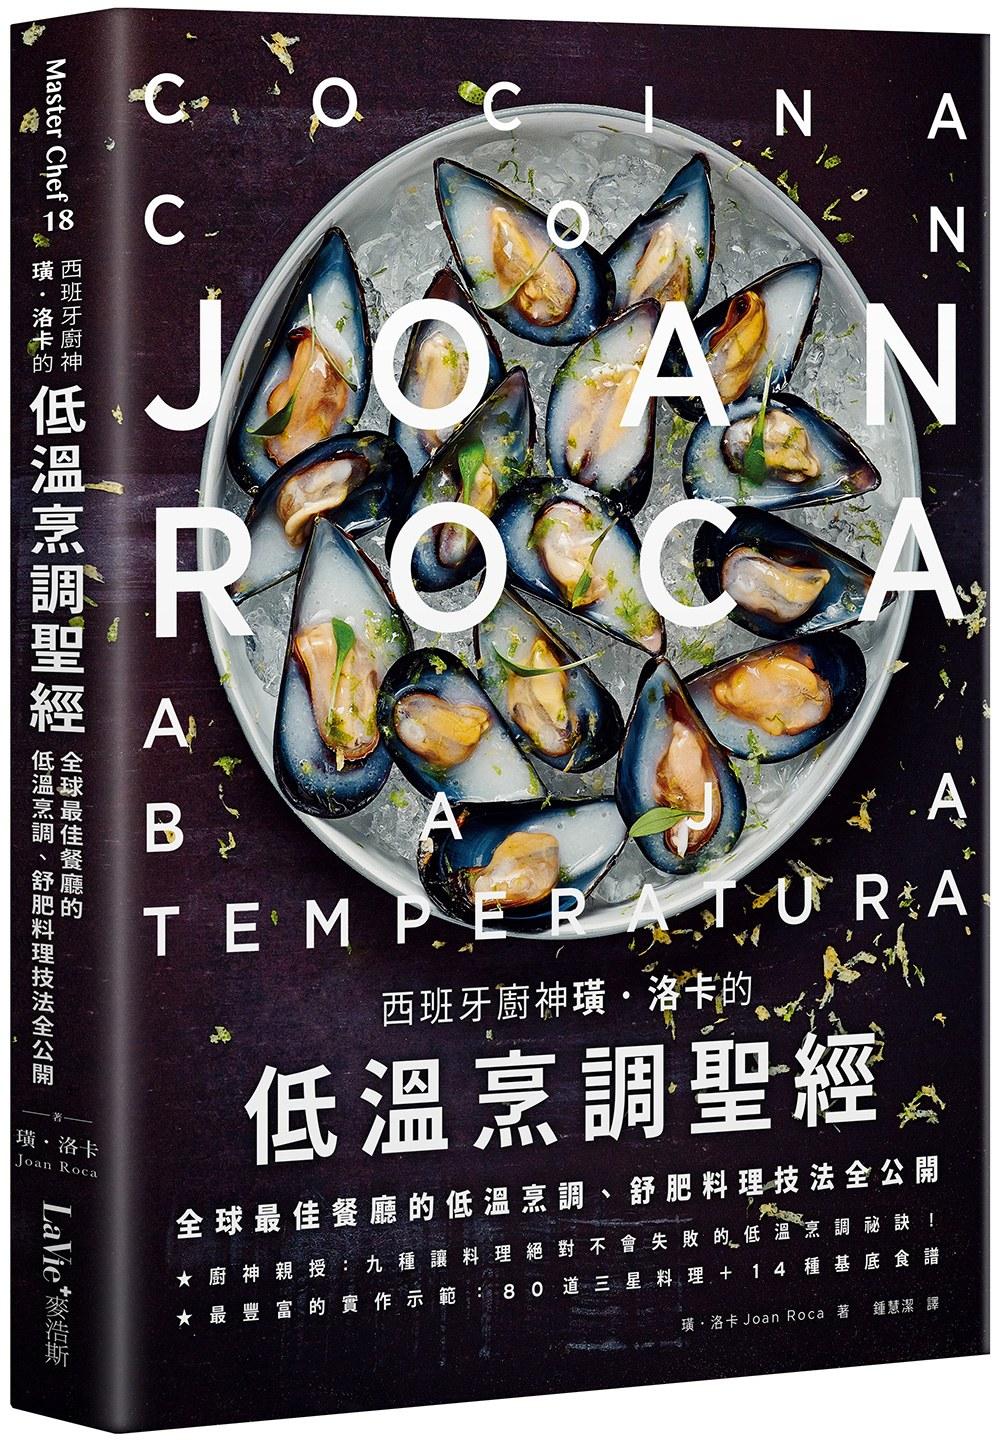 西班牙廚神璜‧洛卡的低溫烹調聖經:全球最佳餐廳的低溫烹調、舒肥料理技法全公開